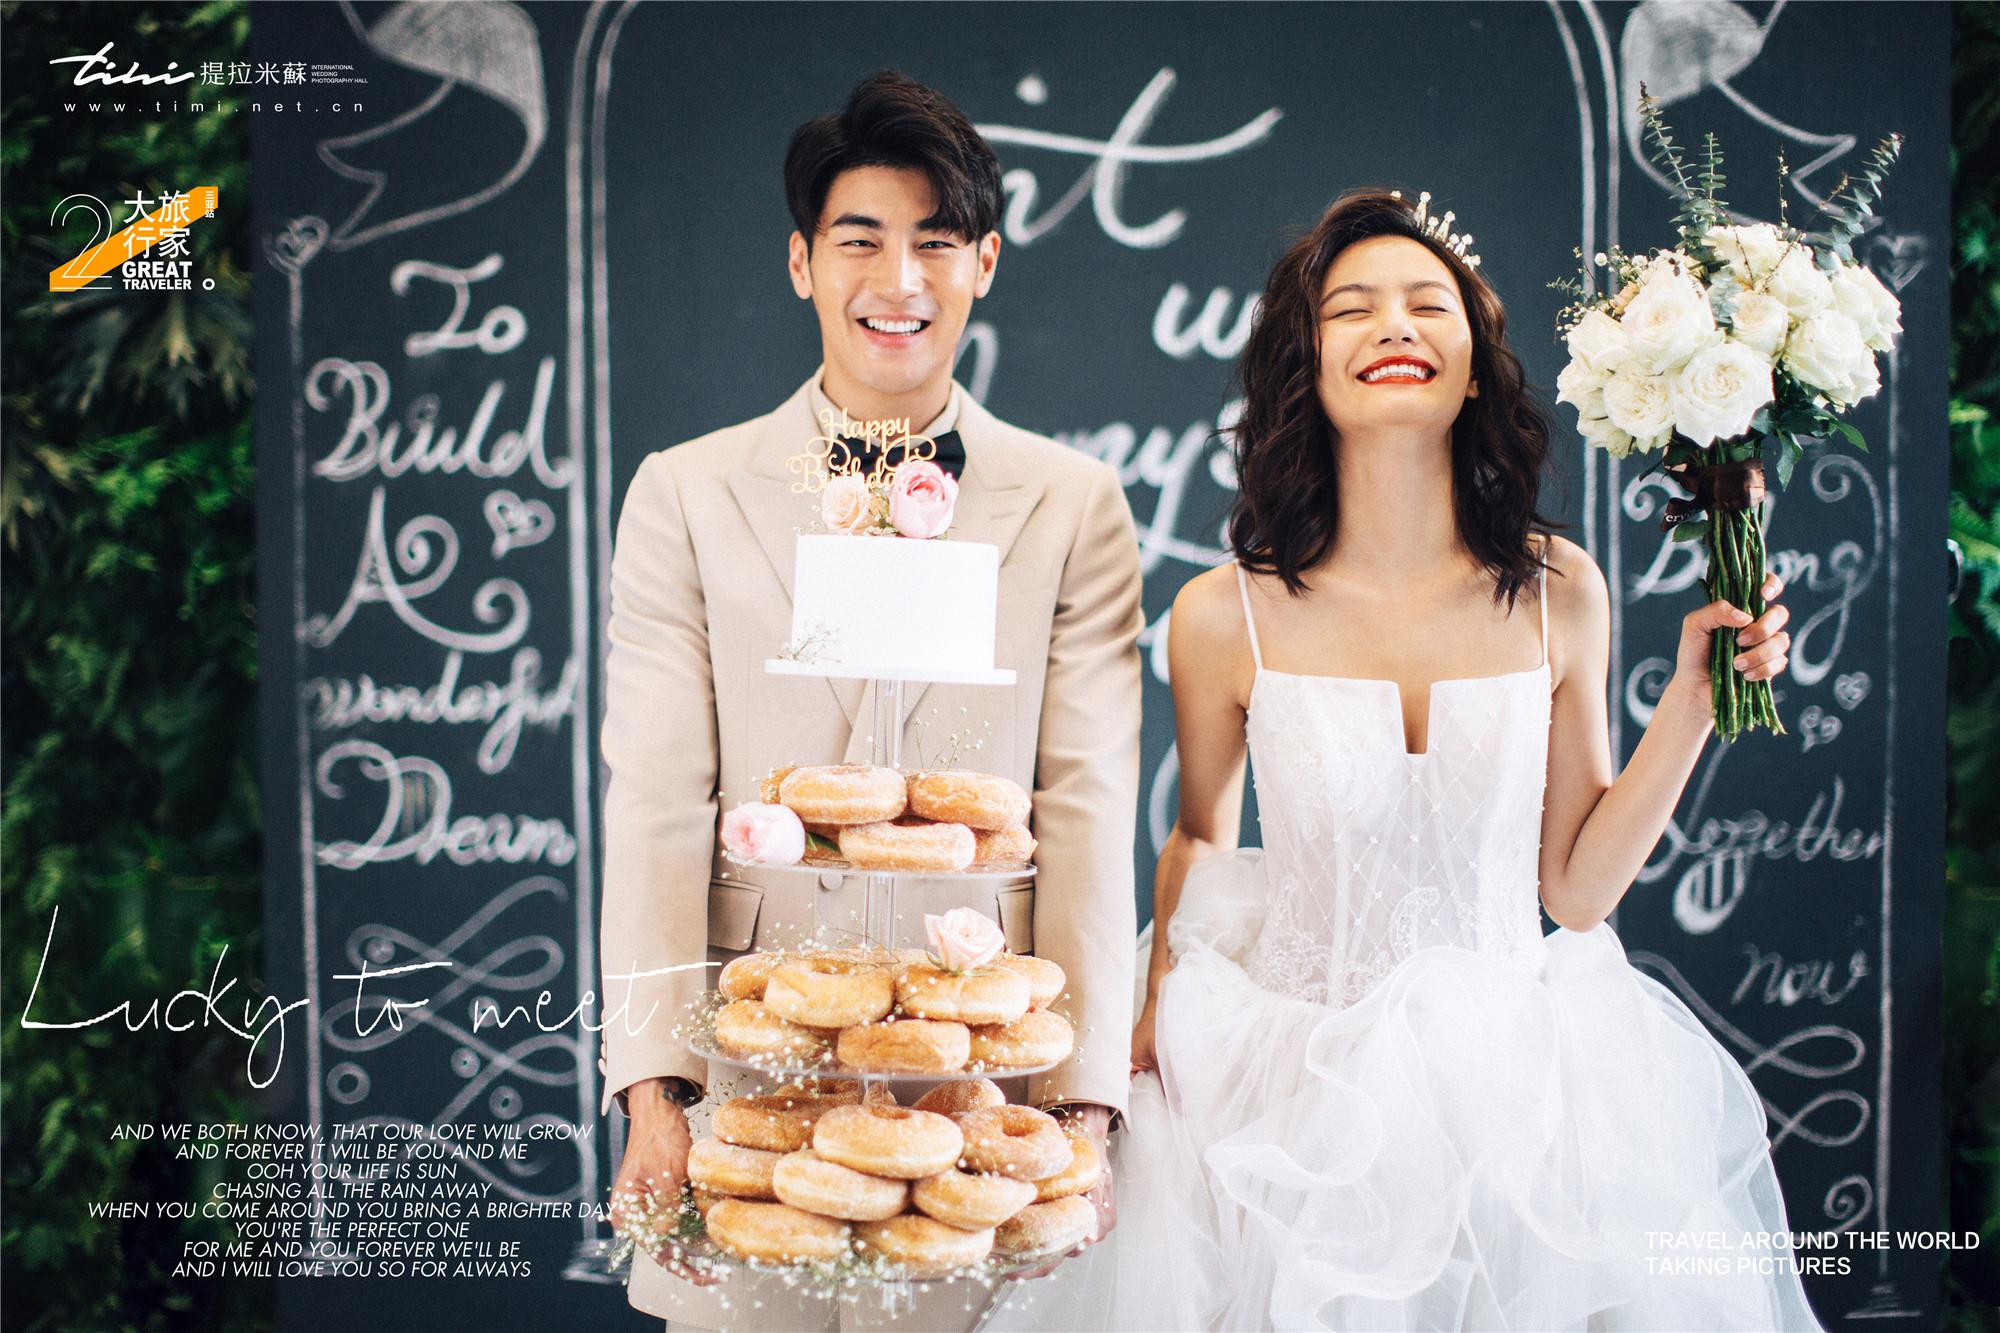 厦门婚纱摄影:内景婚纱照如何拍得最好看?